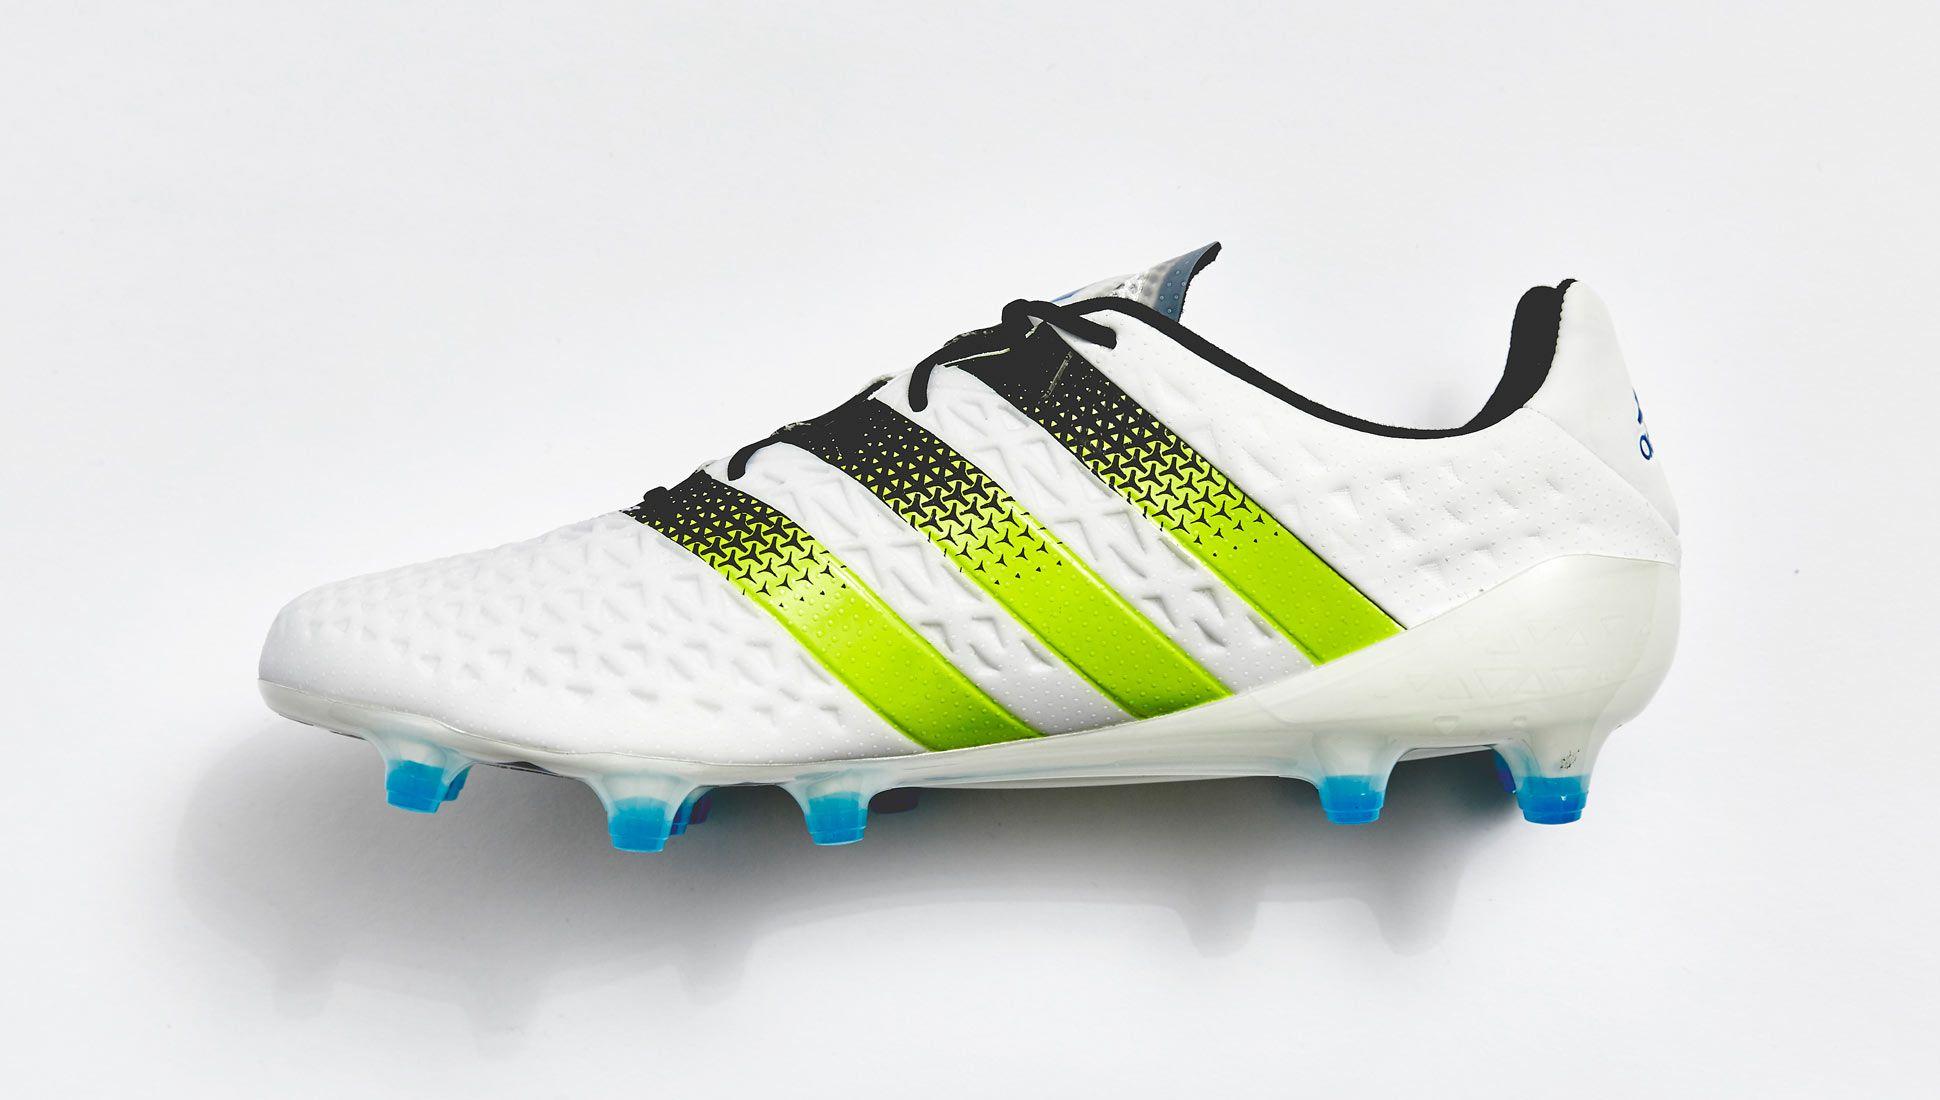 Adidas football boots #9ine   Adidas Football Boots   Pinterest   Adidas  football and Football boots